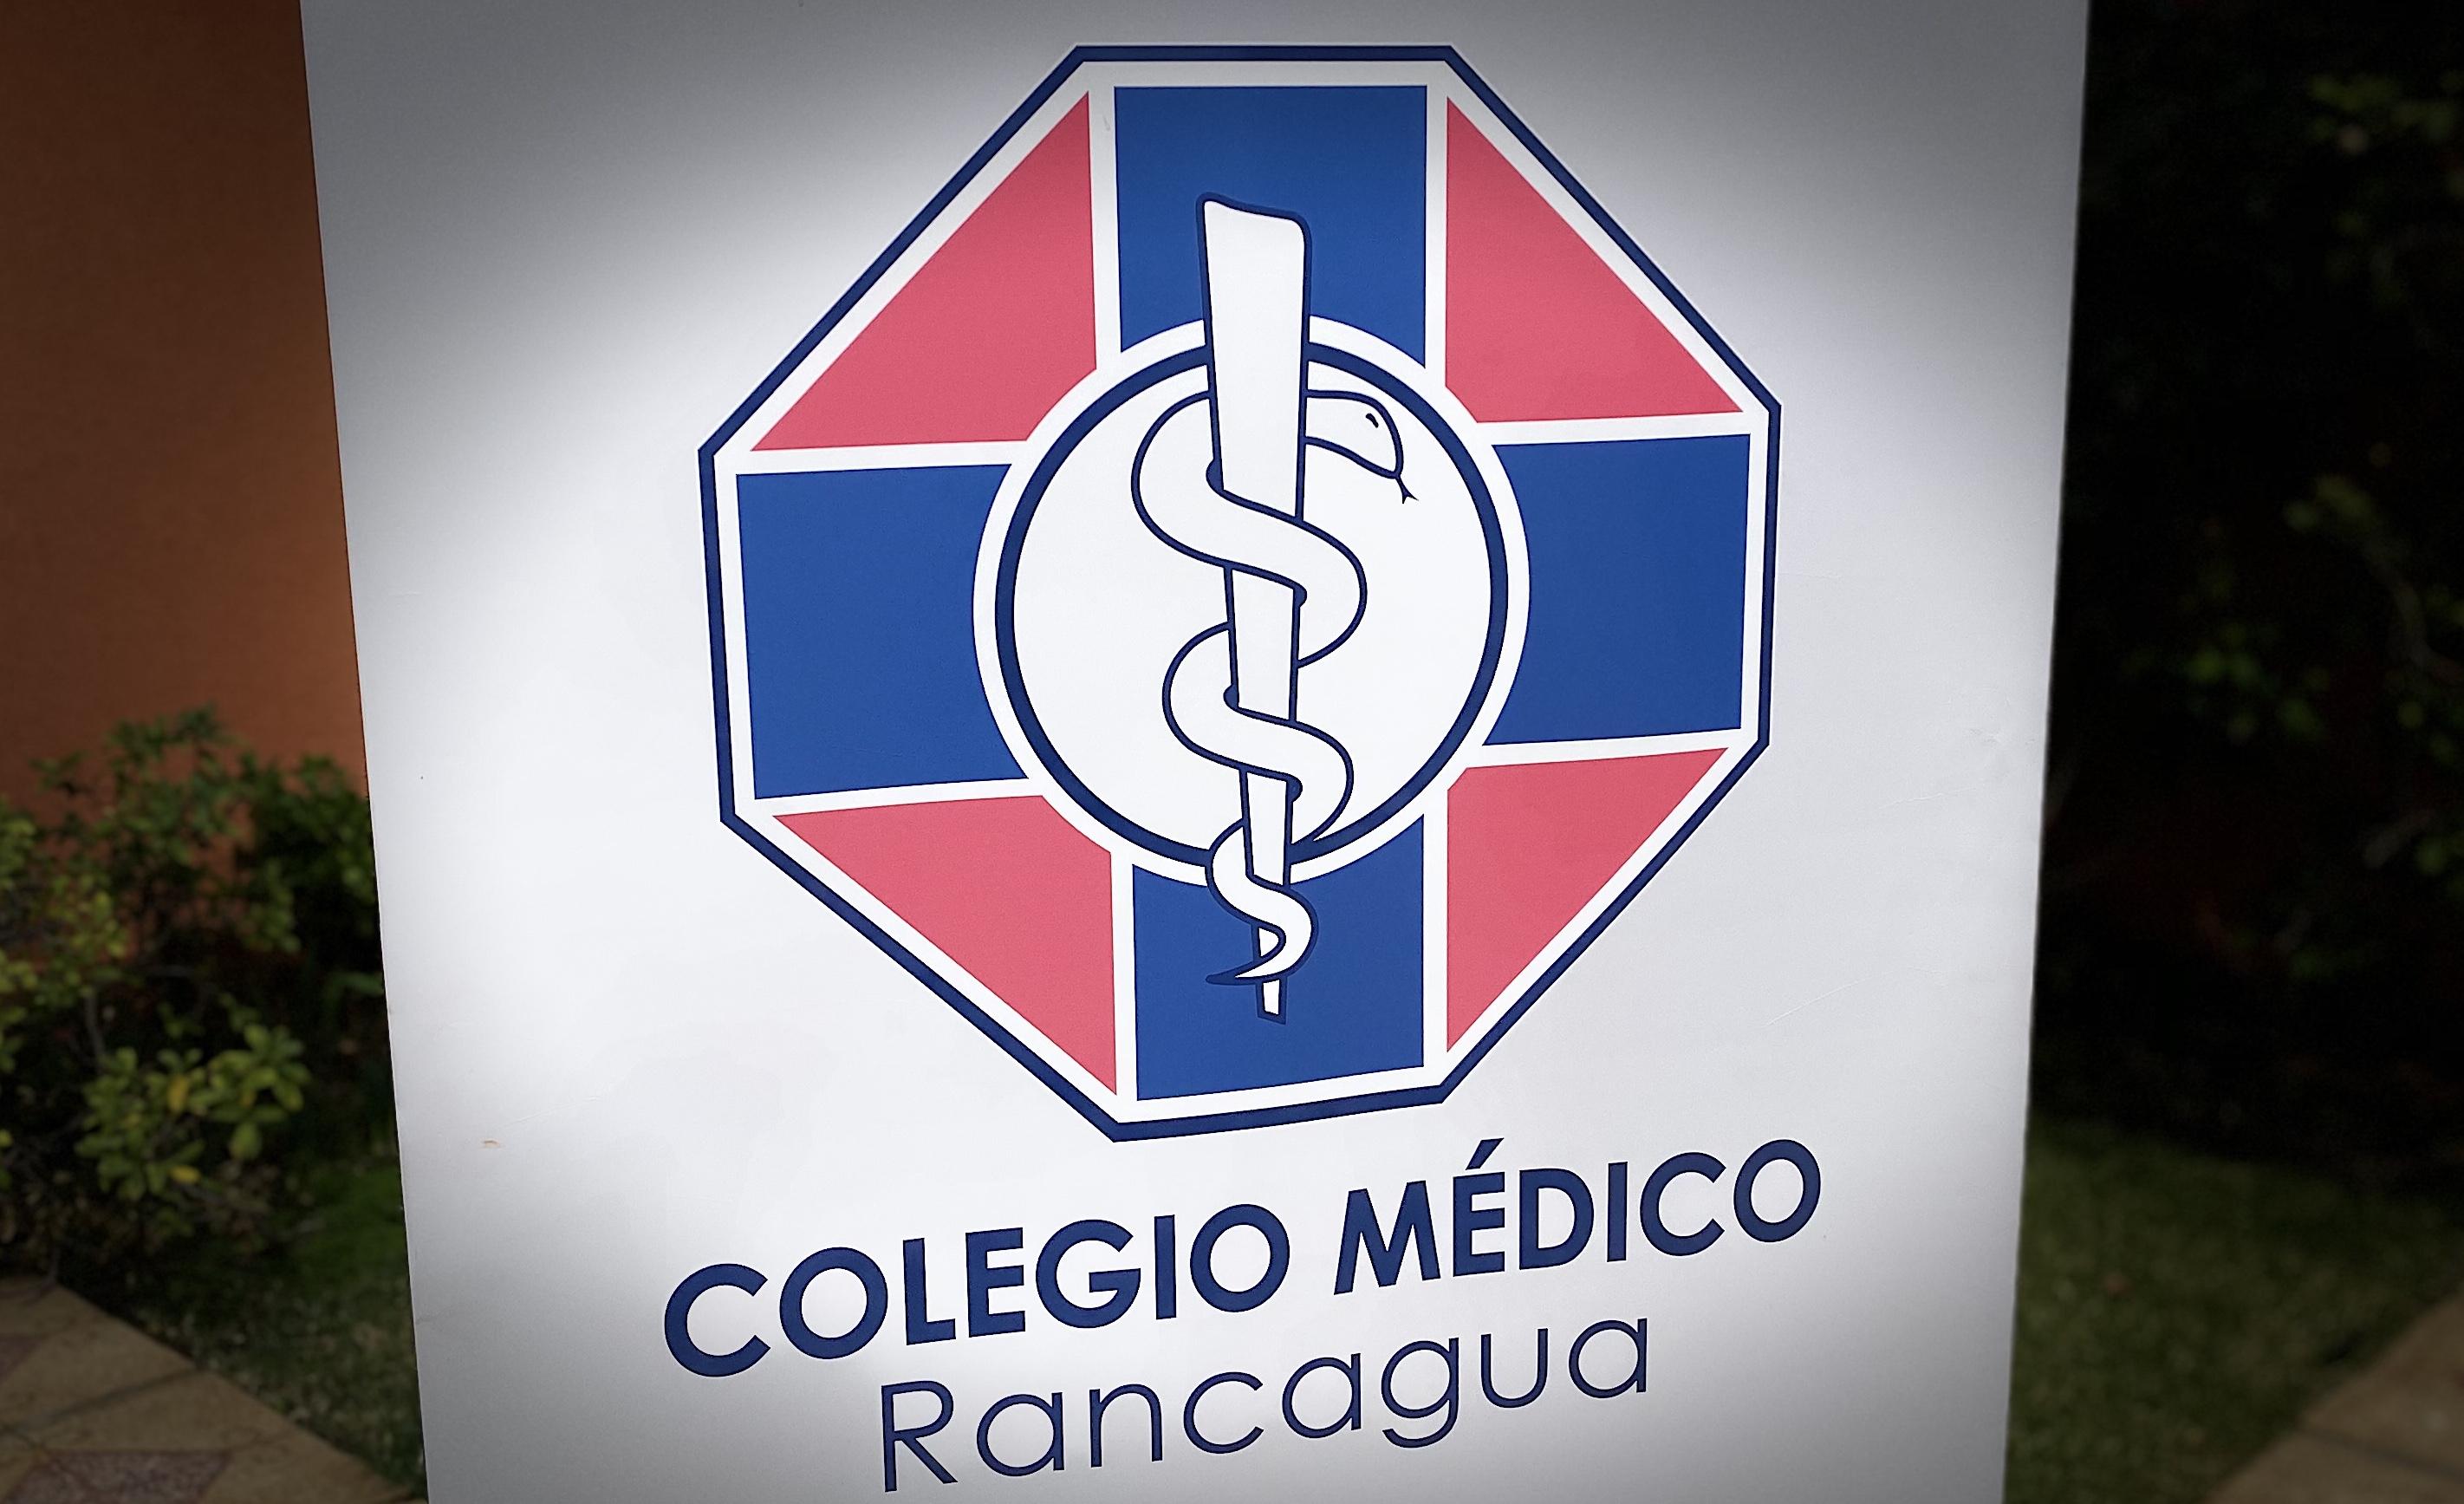 Colegio Médico Rancagua llama a la ciudadanía a cumplirla efectivamente la cuarentena